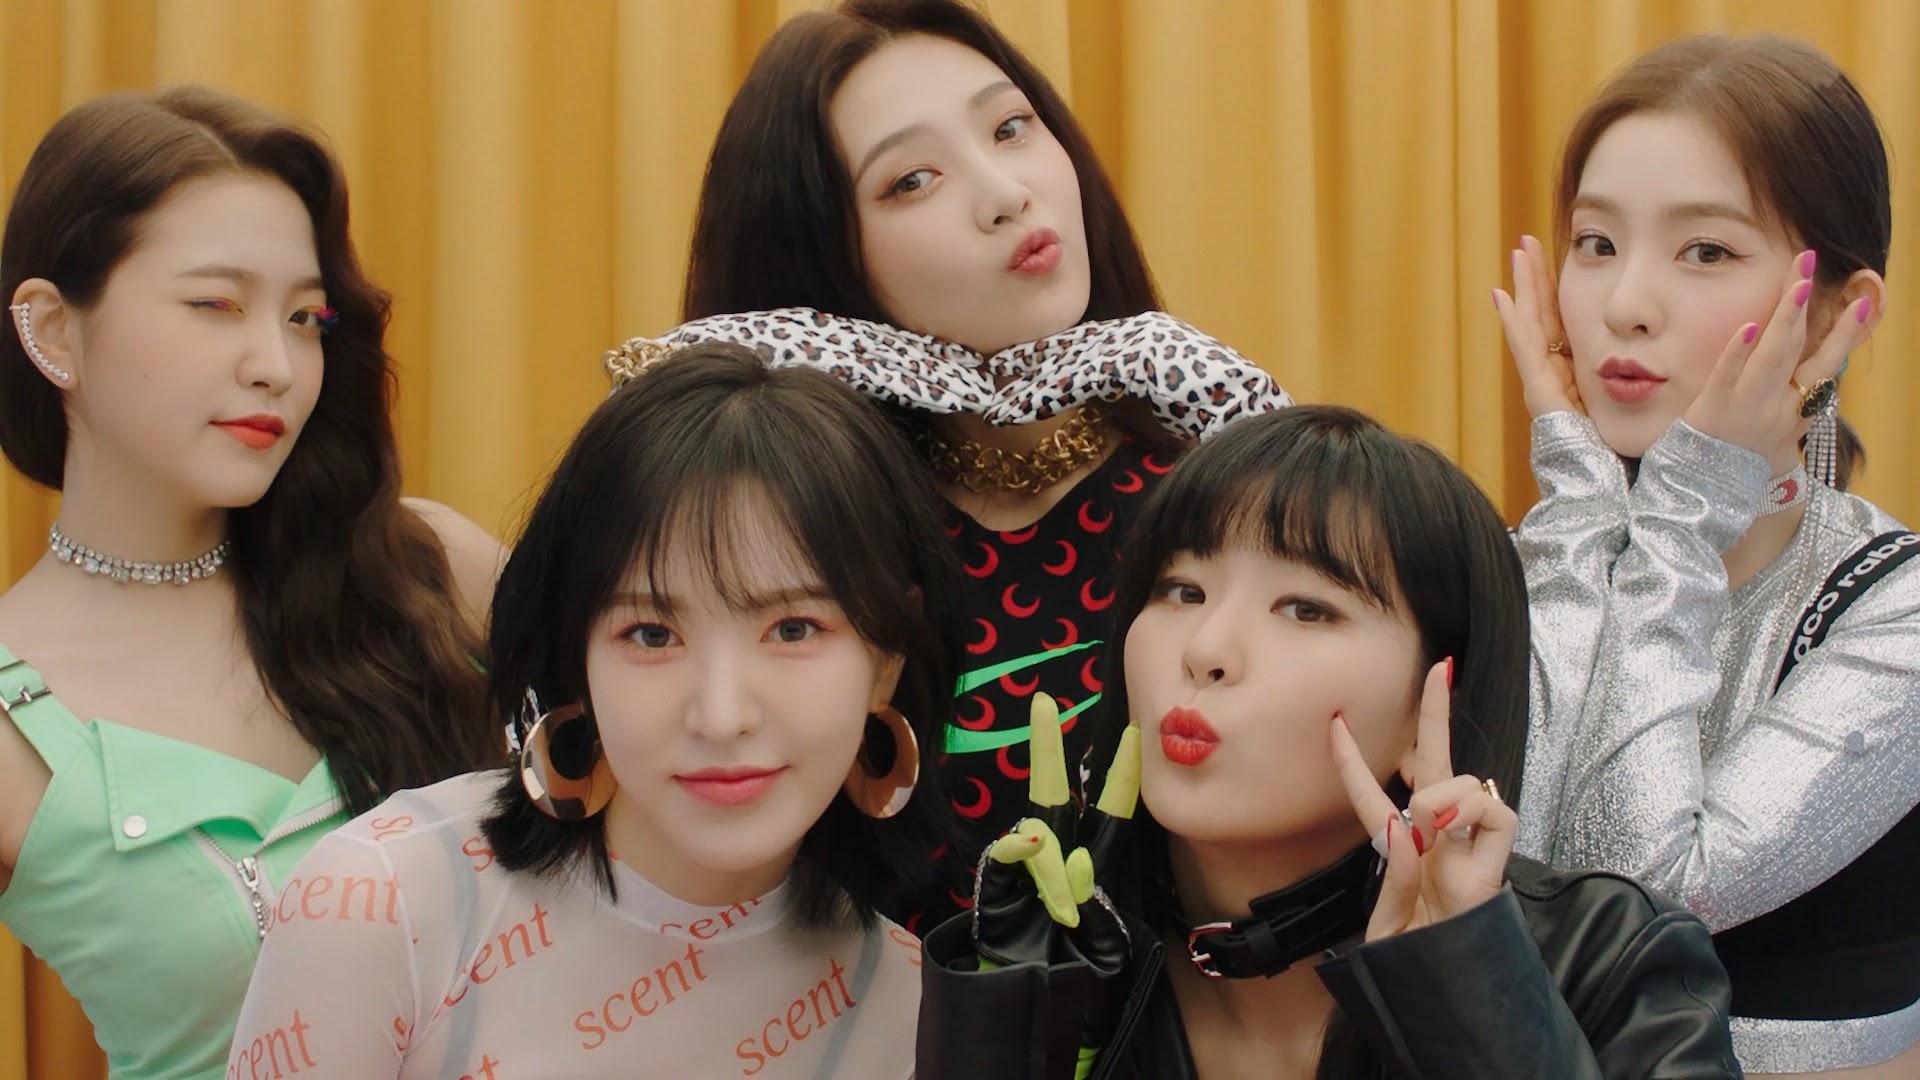 Red Velvet Zimzalabim Yeri Joy Irene Wendy Seulgi 4k